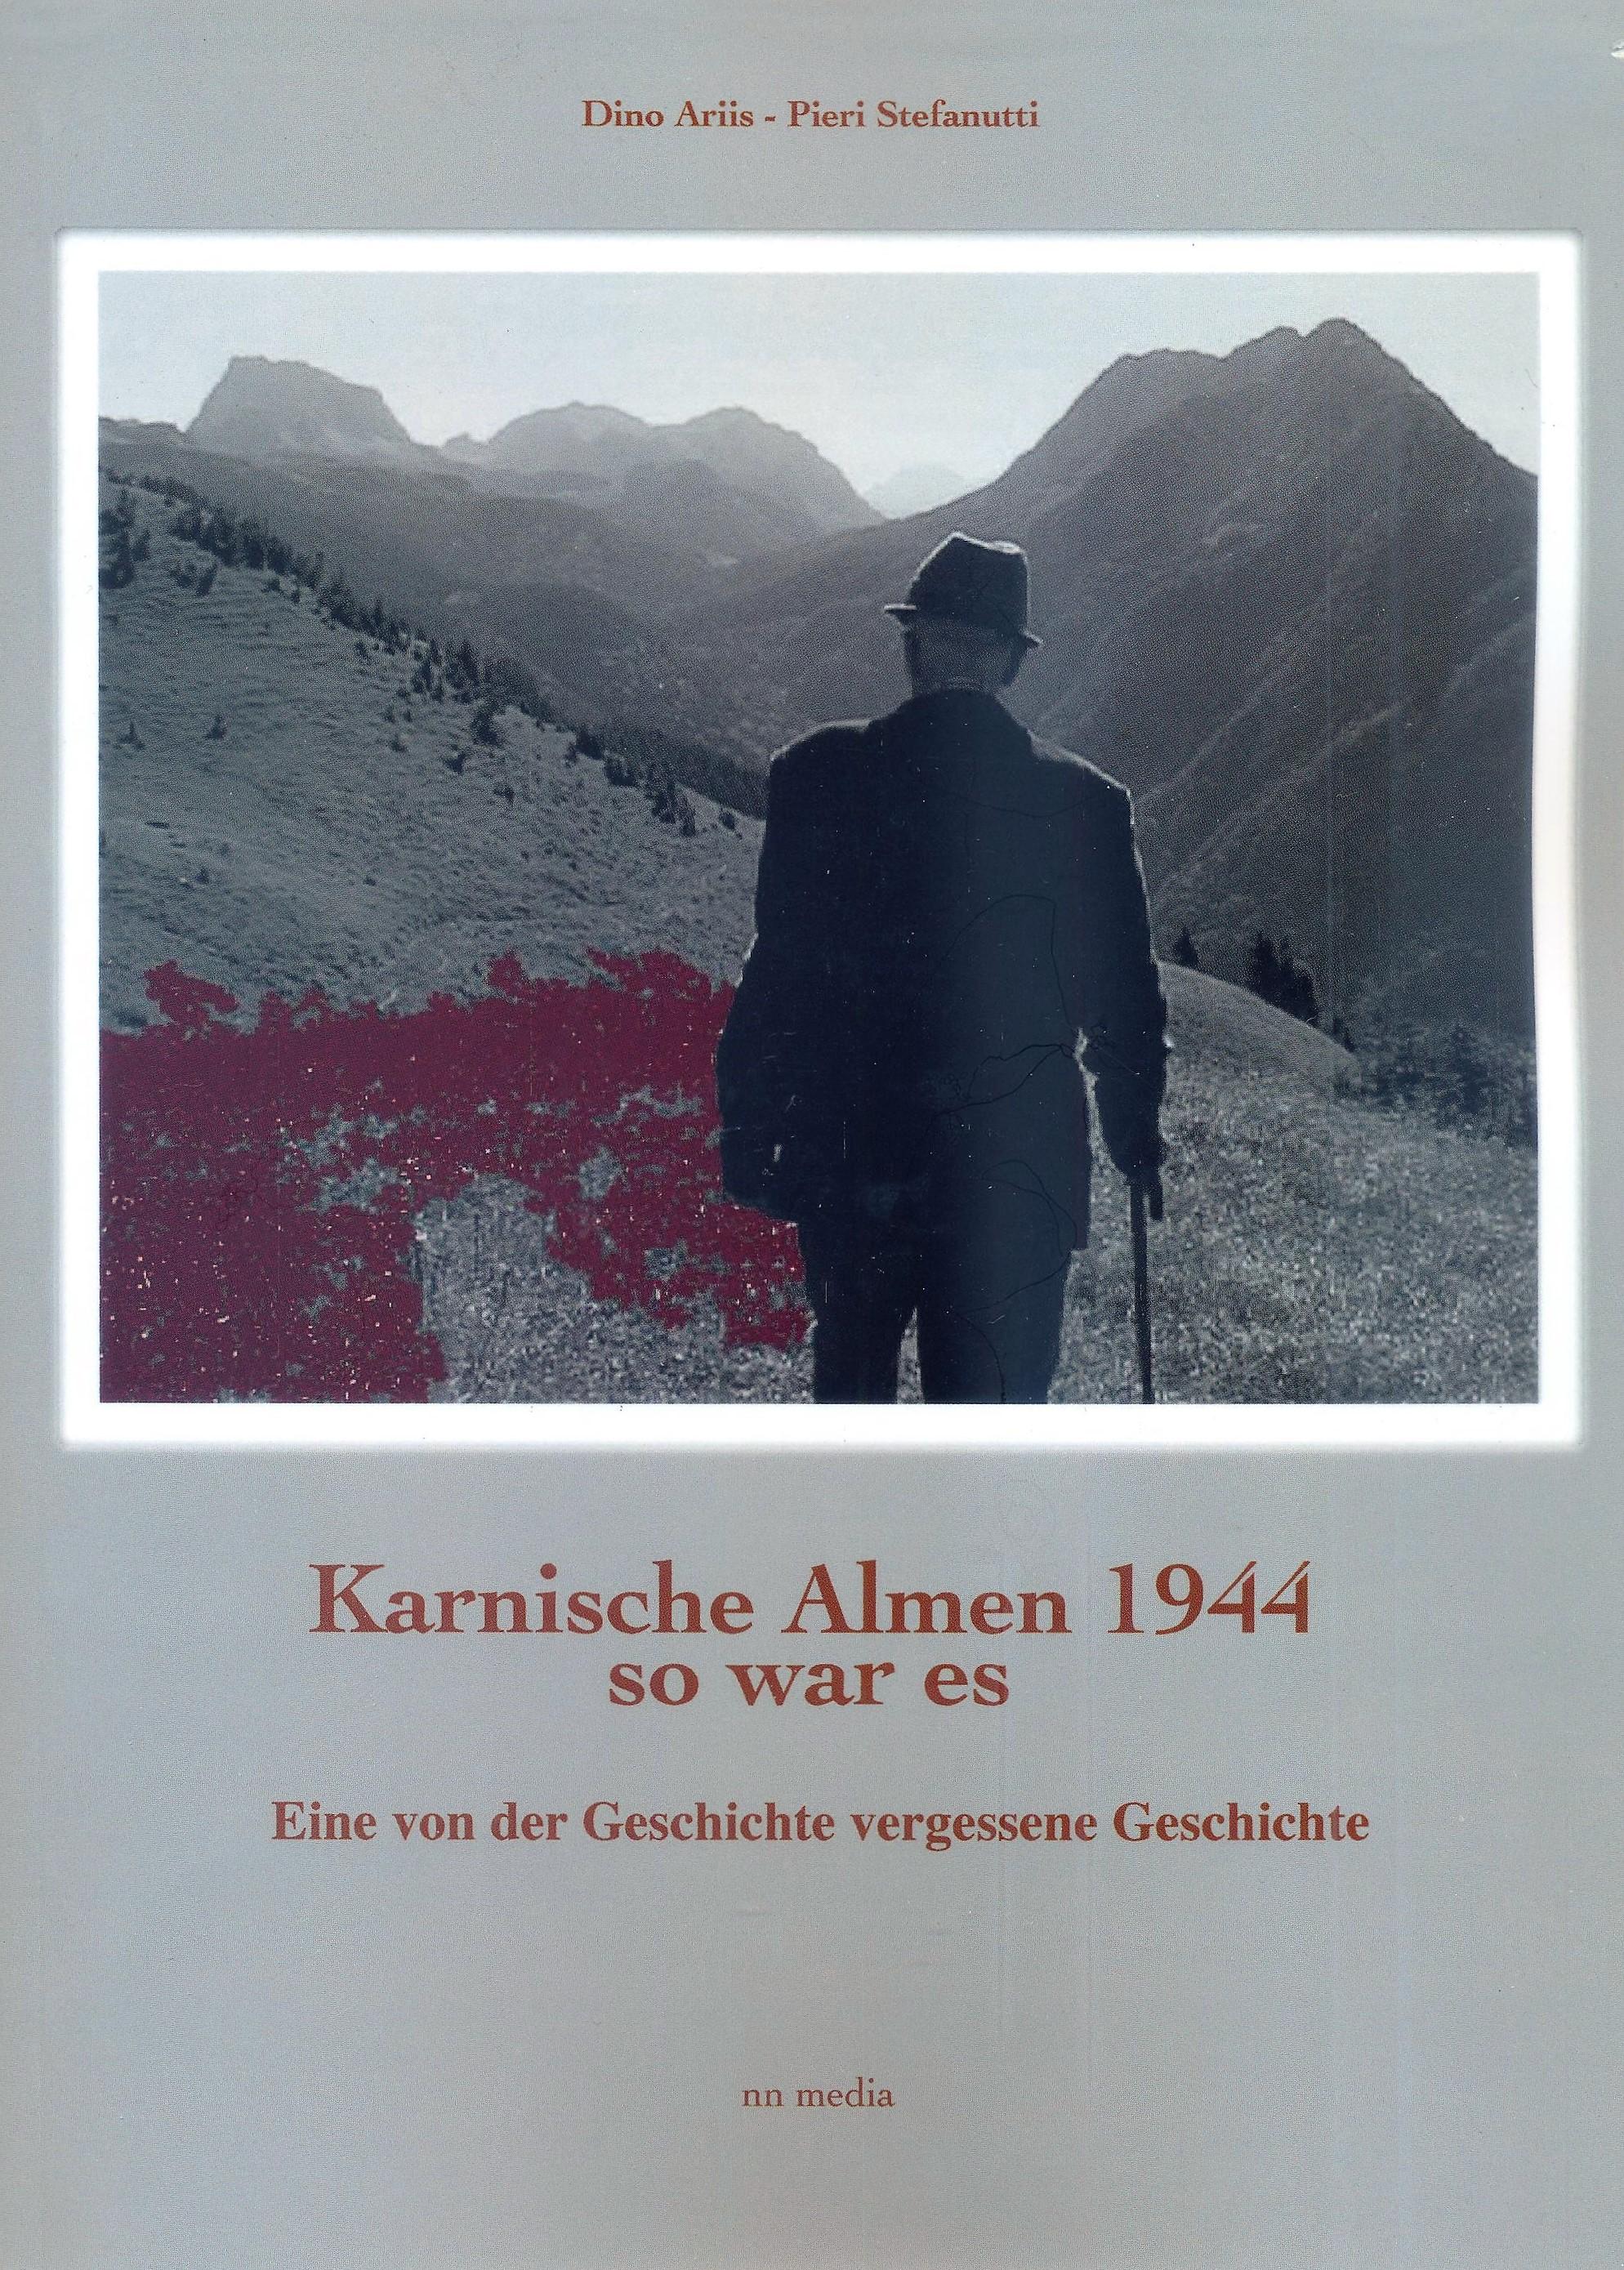 Karnische Almen 1944: so war es